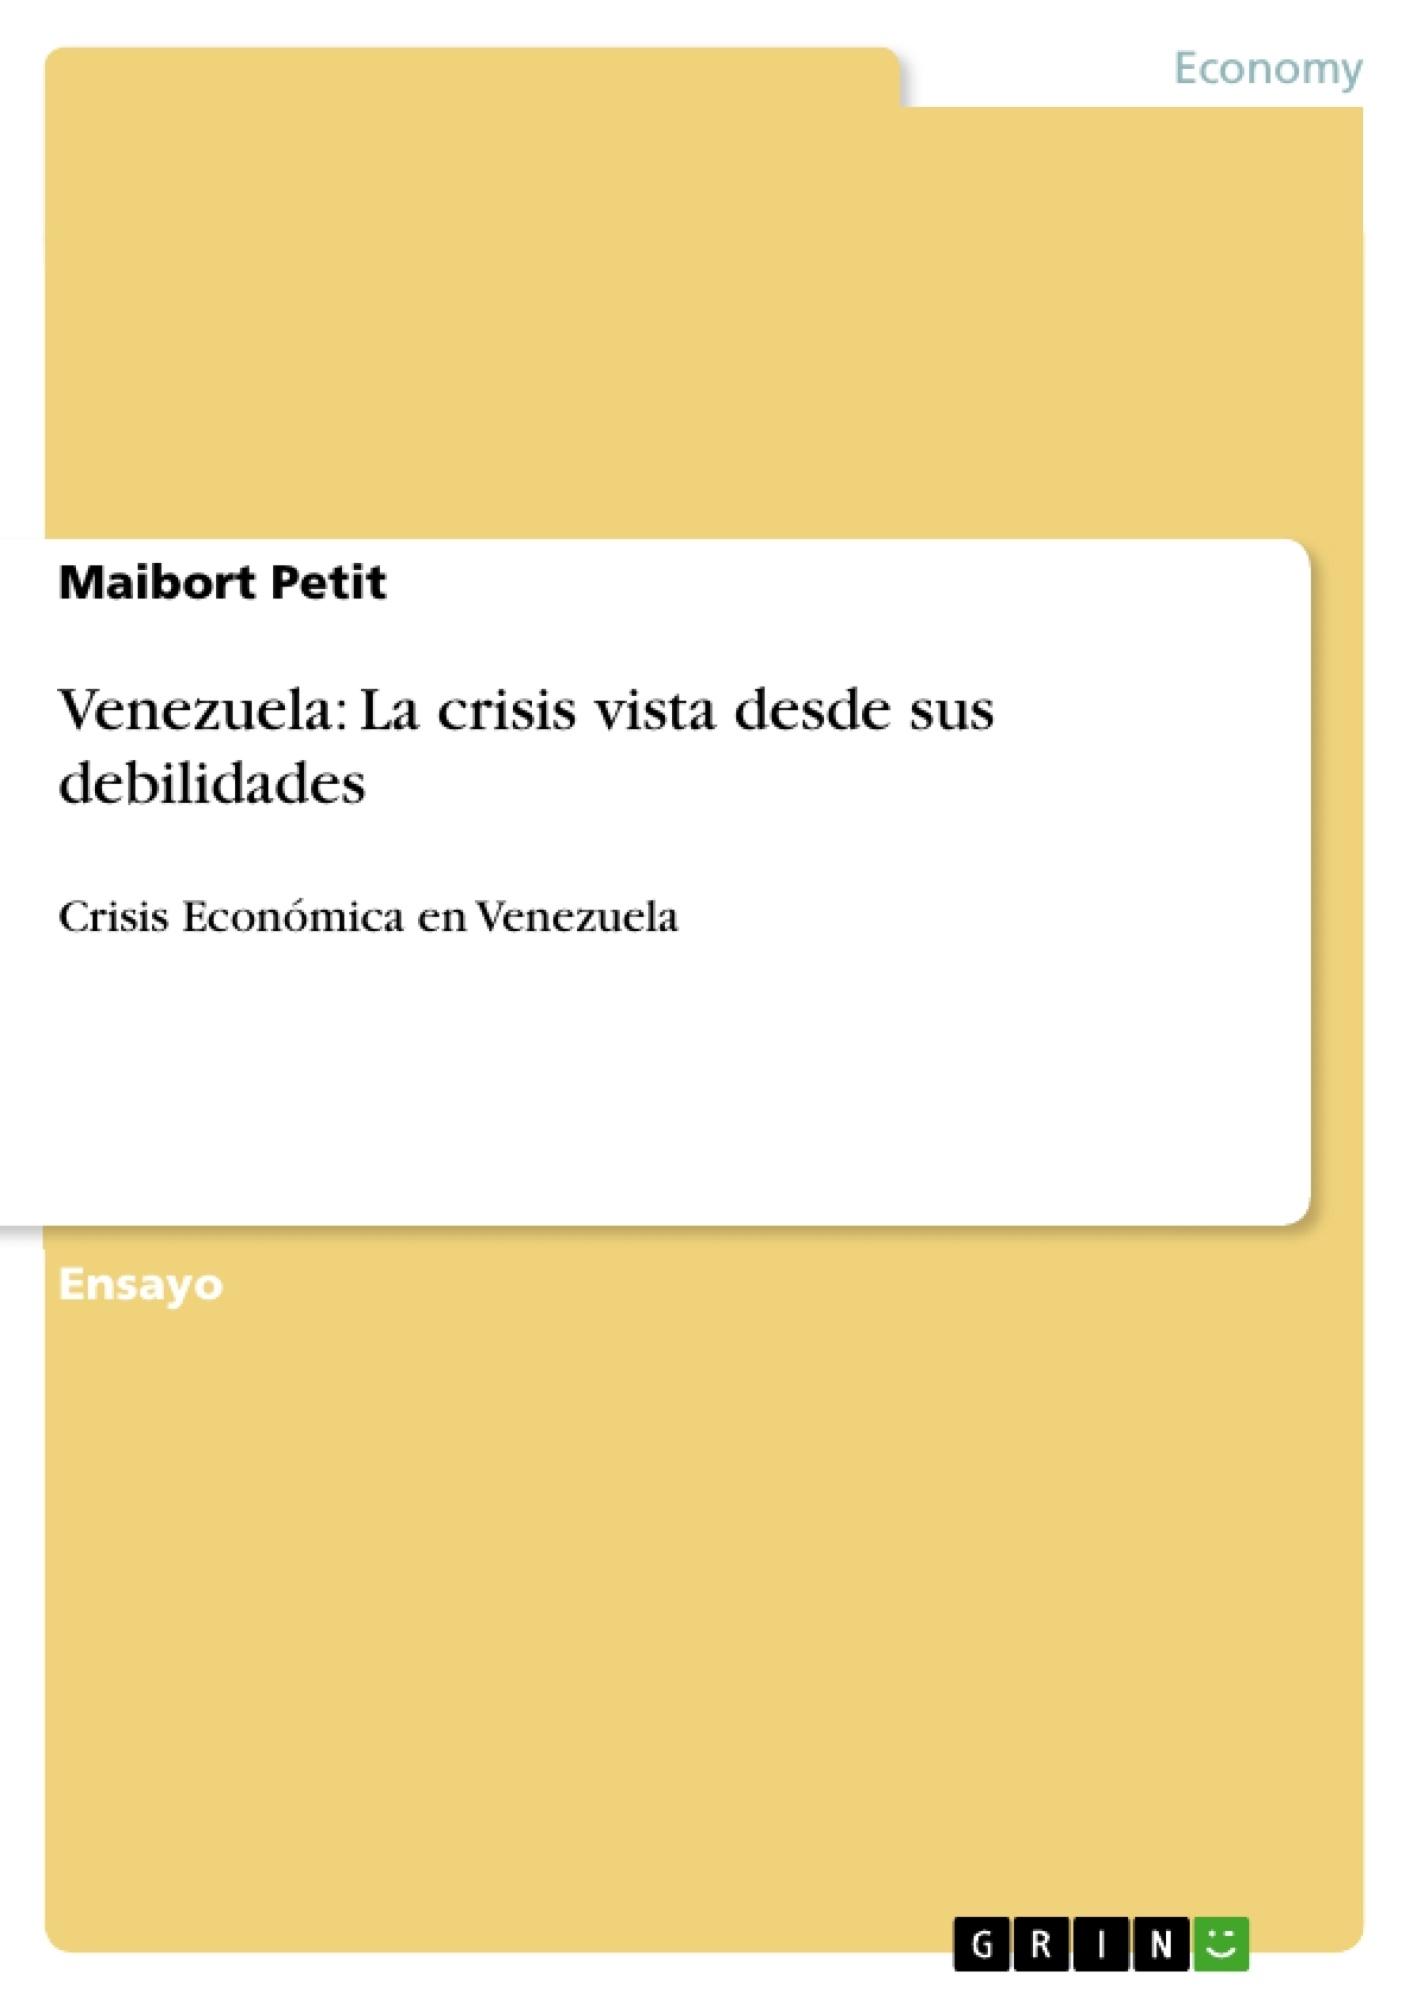 Título: Venezuela: La crisis vista desde sus debilidades